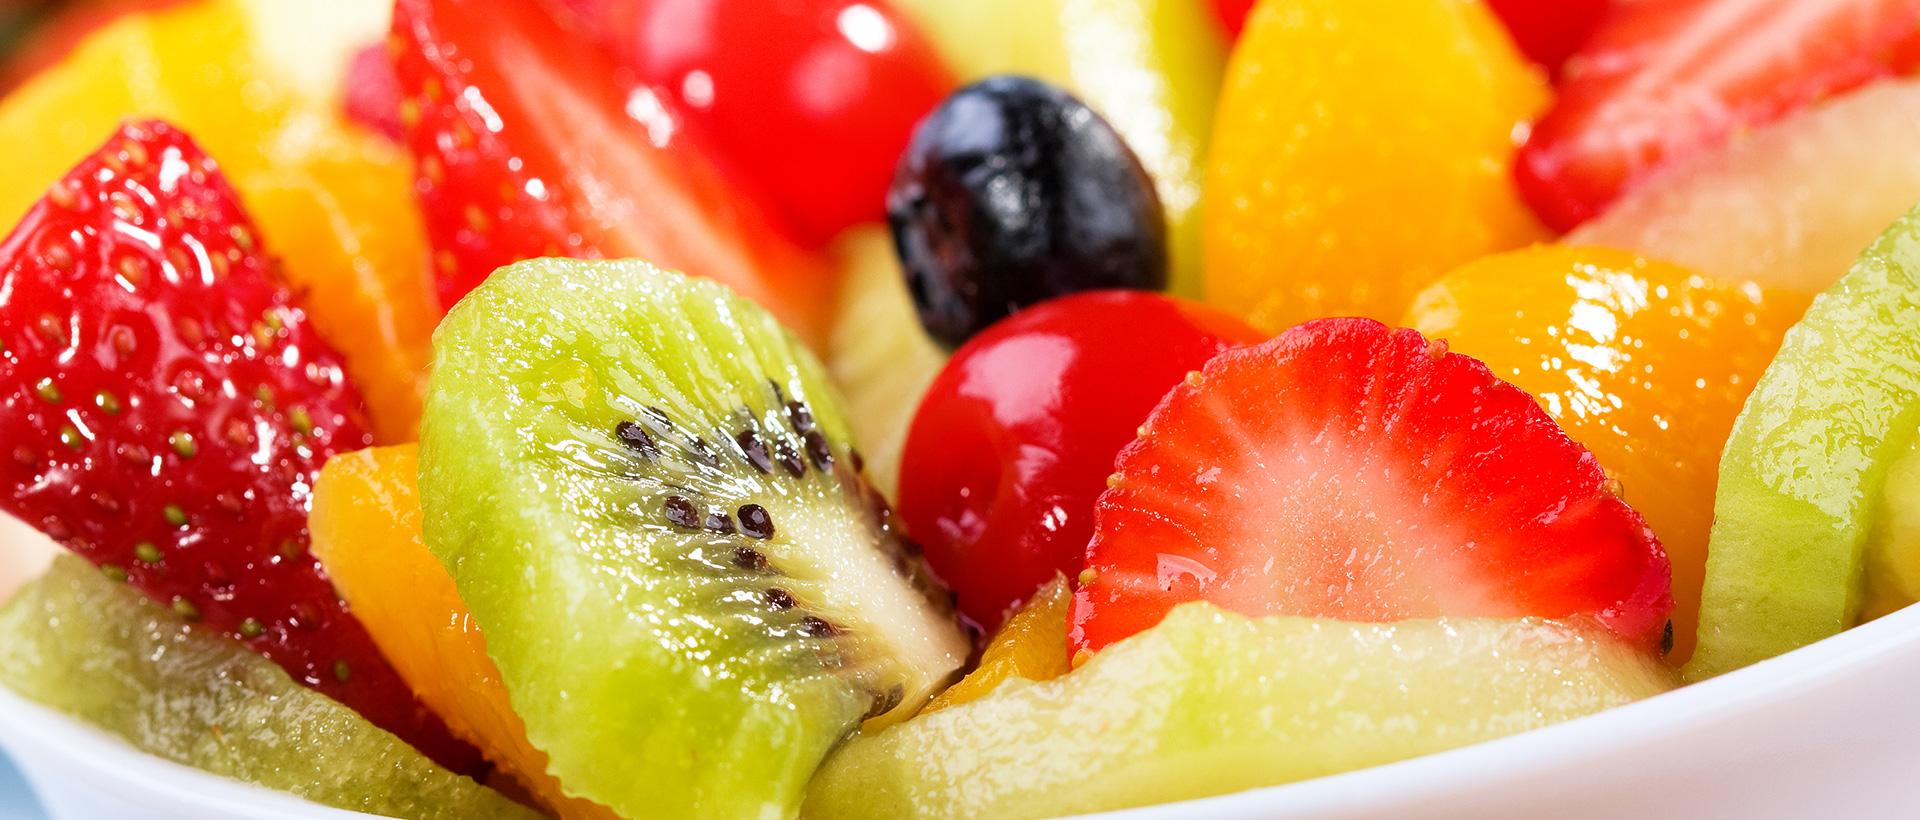 Fezziwig's Cafe-Bakery Kelowna Fresh Fruit